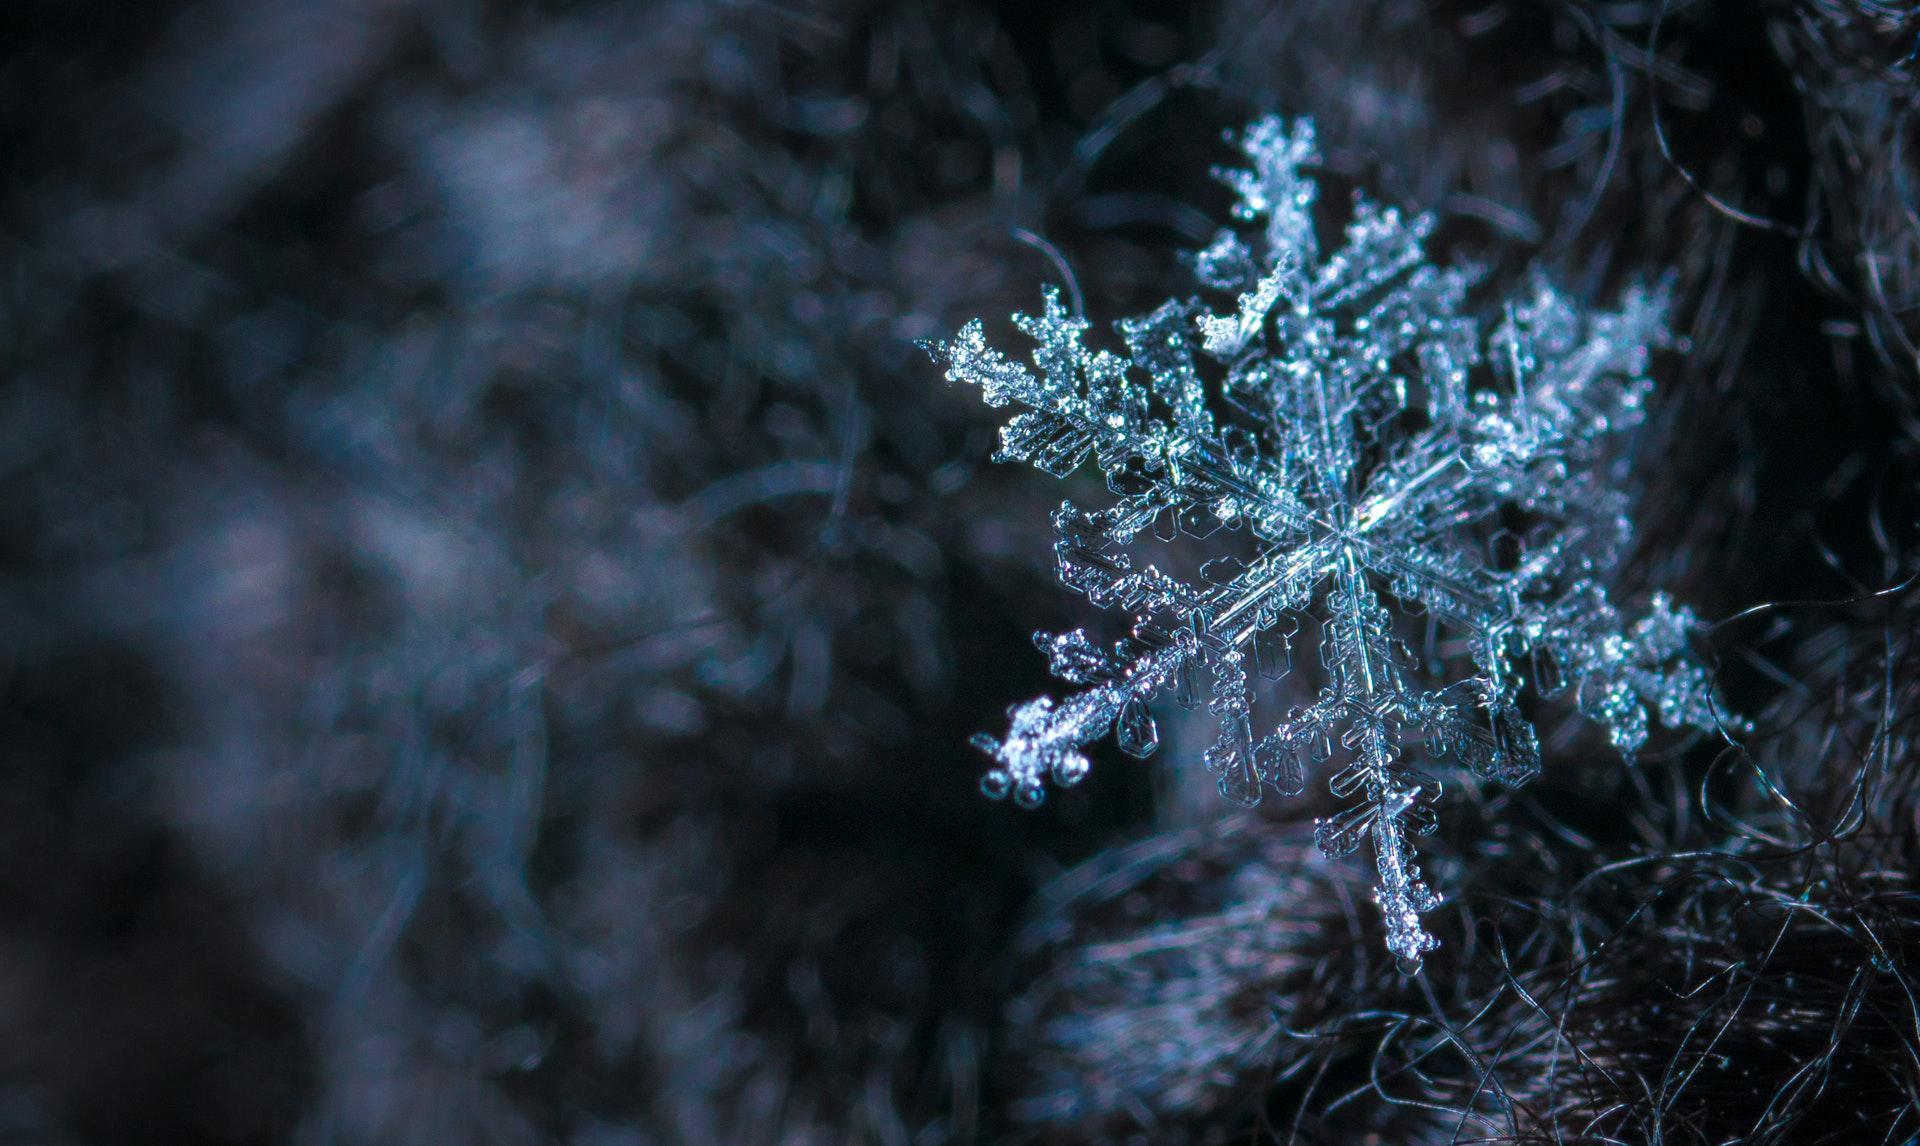 عکس زمینه گل برفی در زمستان پس زمینه